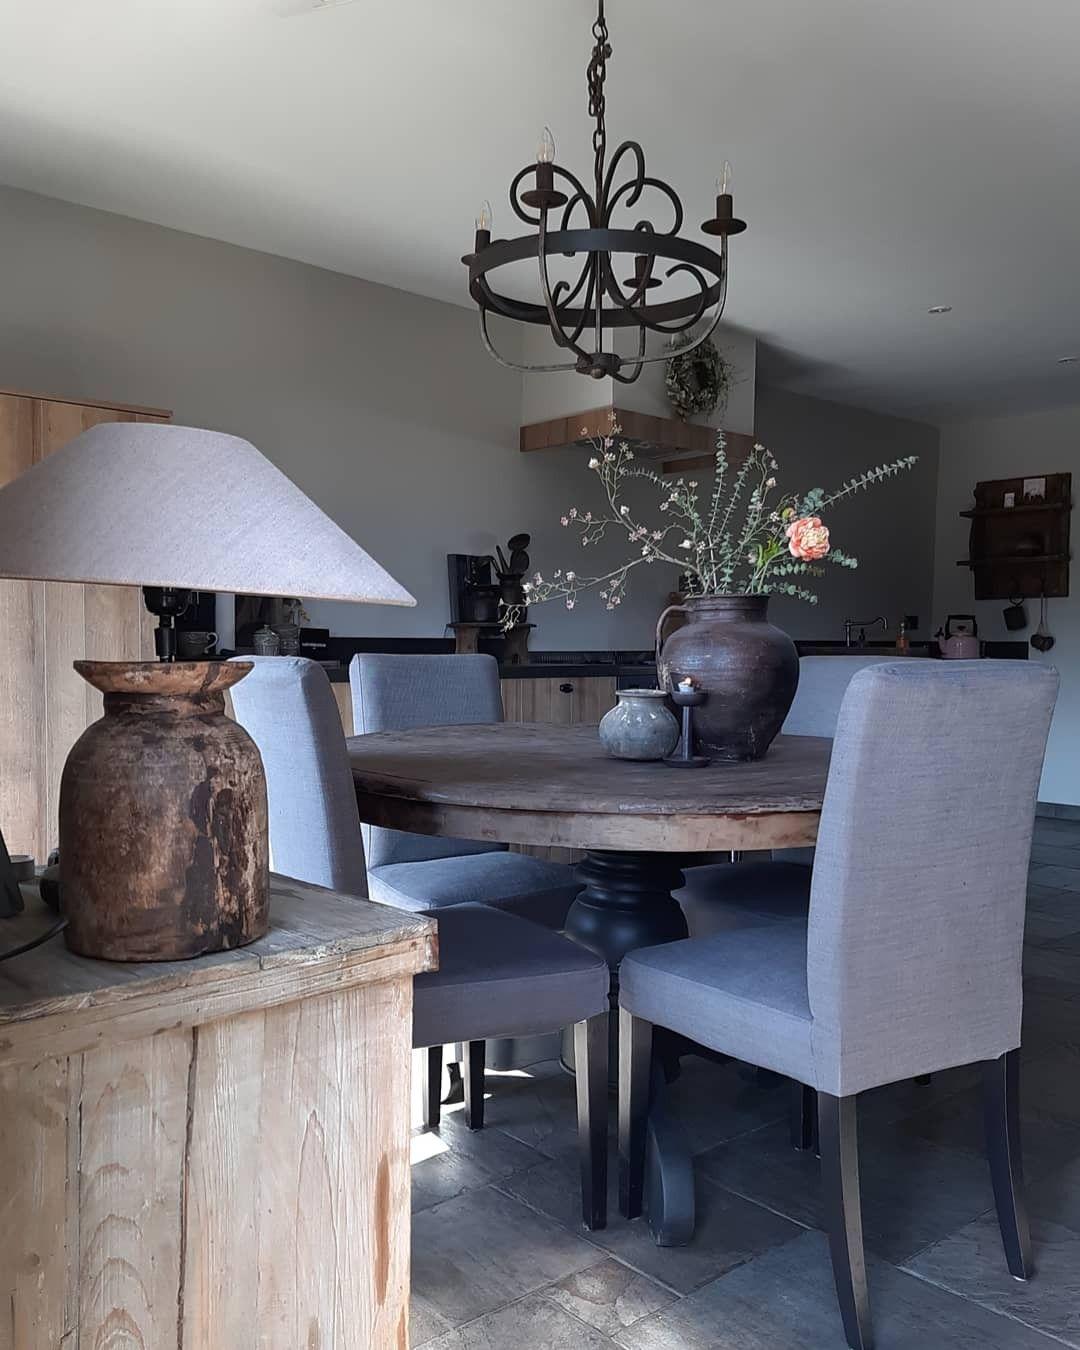 Wonen Interieur Stoer Sober Landelijk Styling Interior Style Decoratie Interieur Voor Het Huis Wonen